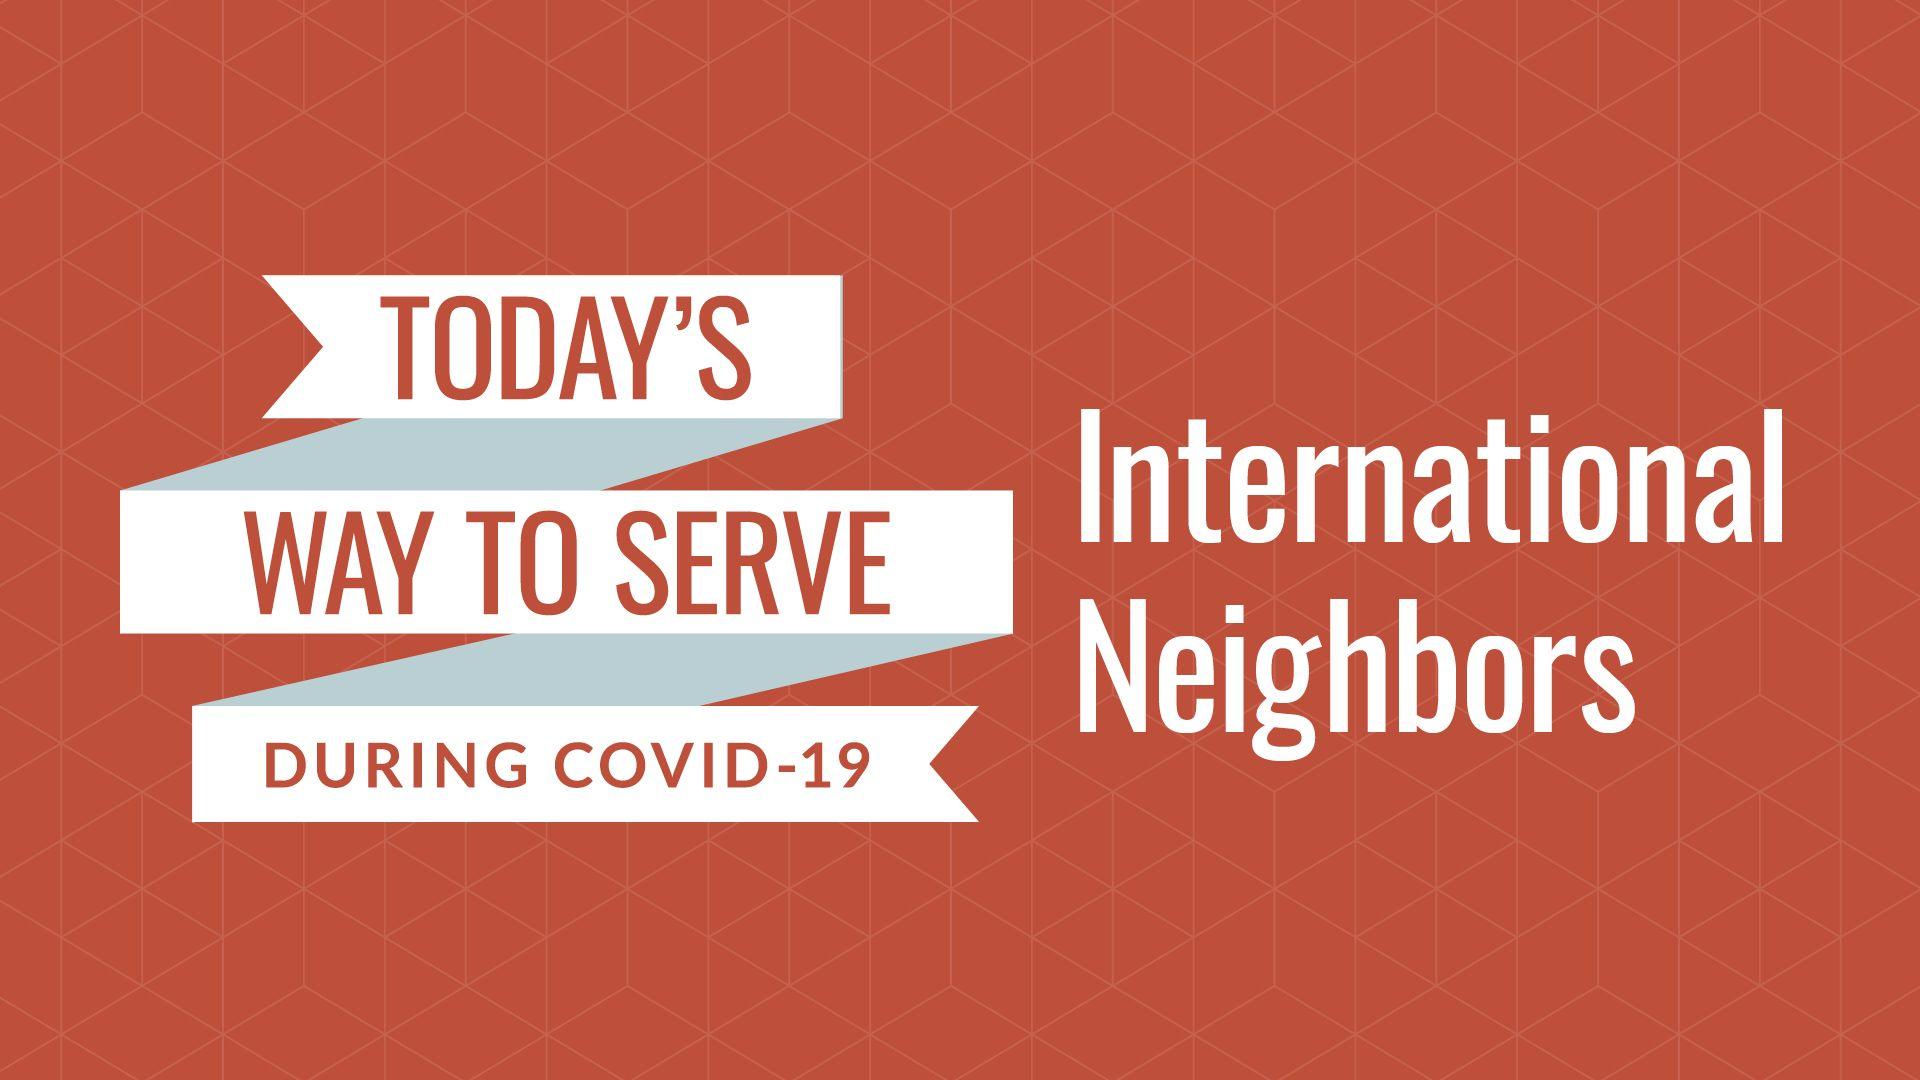 International Neighbors Hero Image